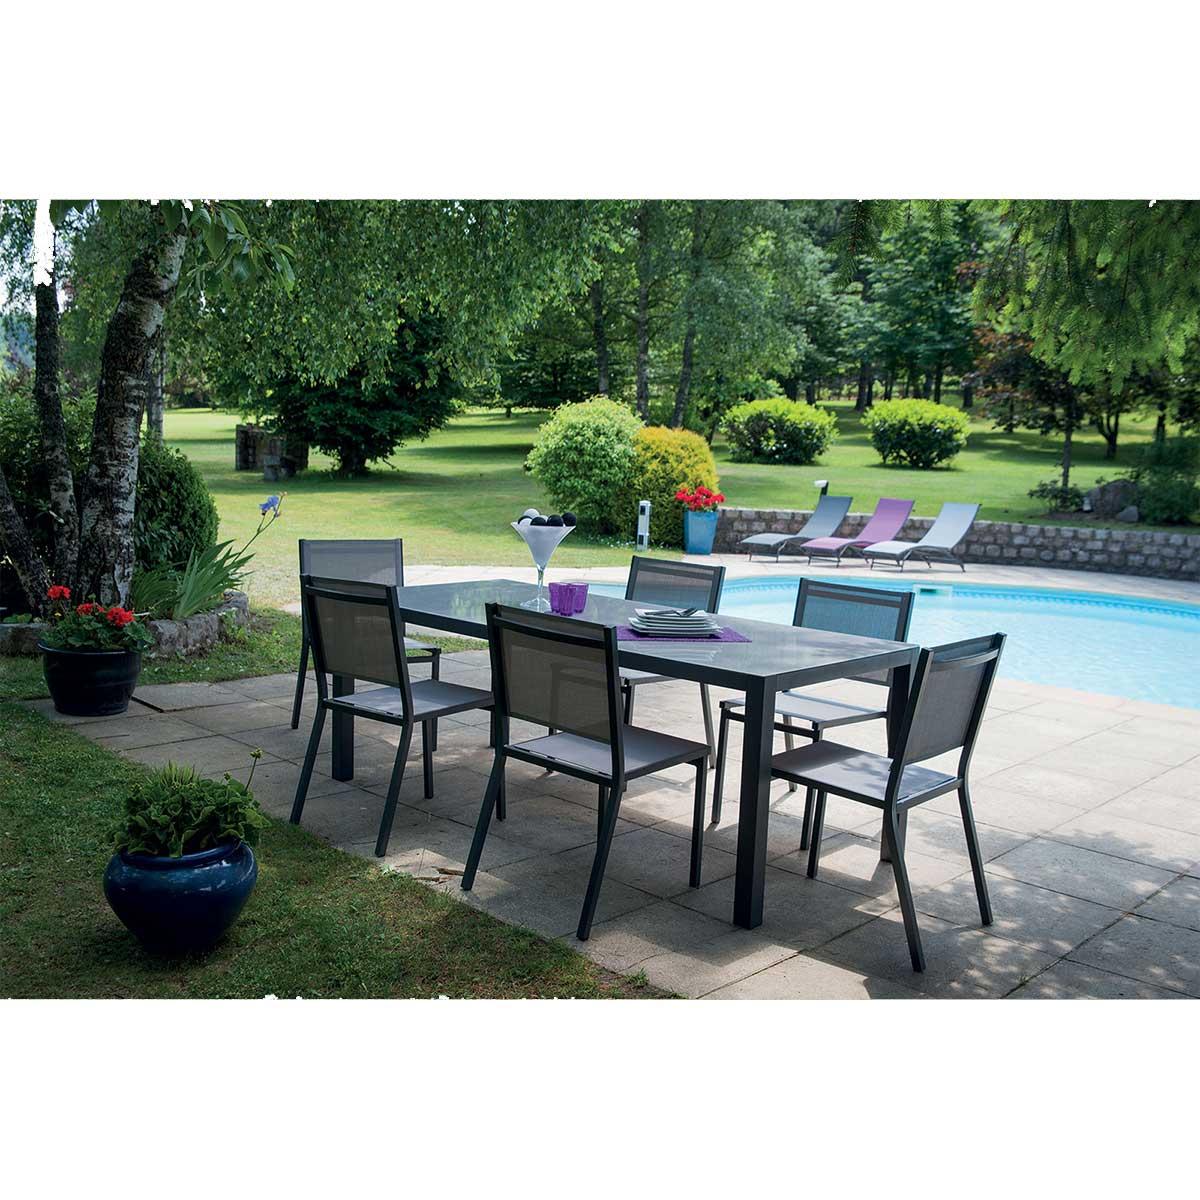 Salon de jardin avec chaises - Gris Perle - 135/270 cm x D 90 cm x h 75 cm